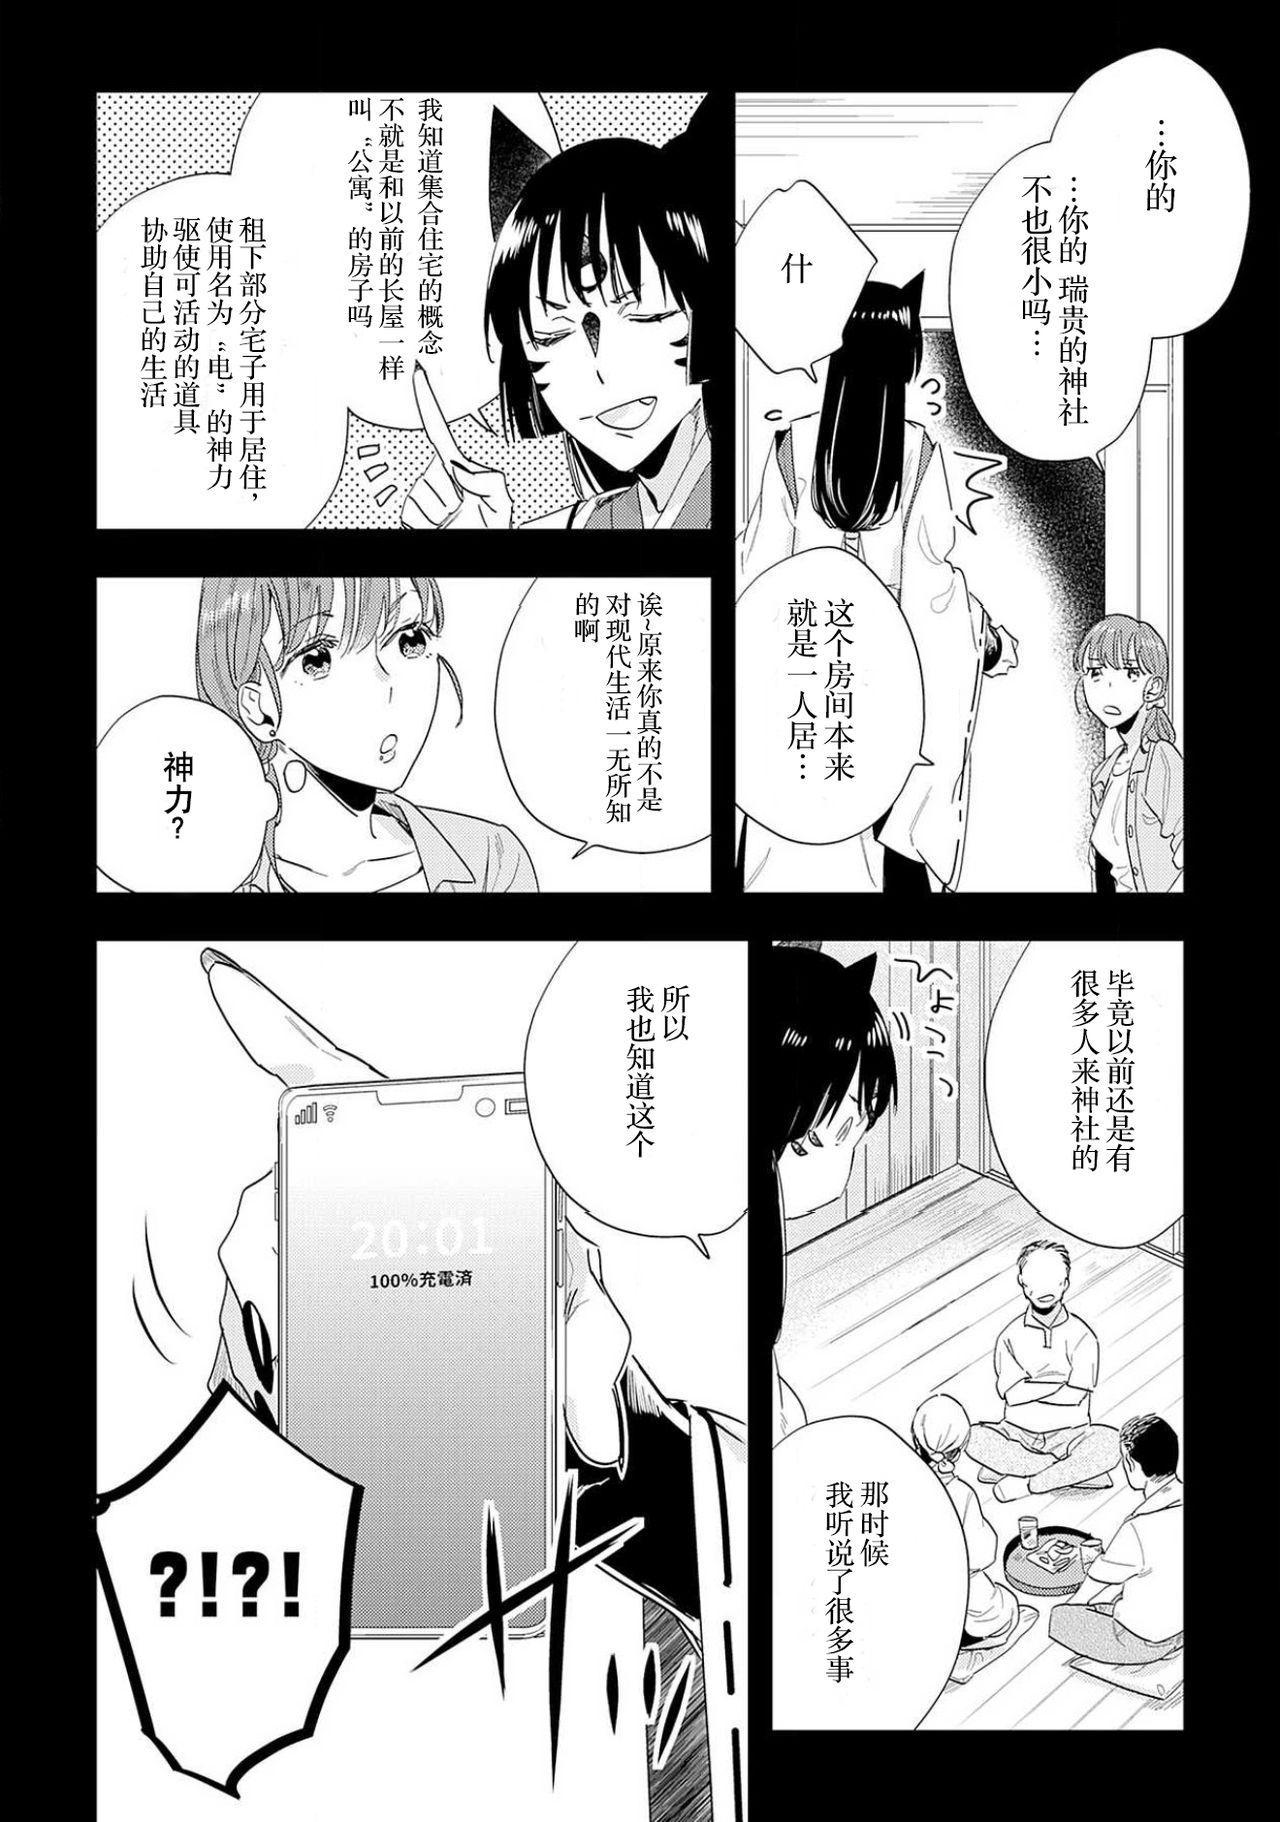 [Hachikawa Kyuu] Kami-sama to Ikenie H Keiyaku Shichaimashita | 我与神明大人签订了祭品H契约 1-3 [Chinese] [莉赛特汉化组] 31